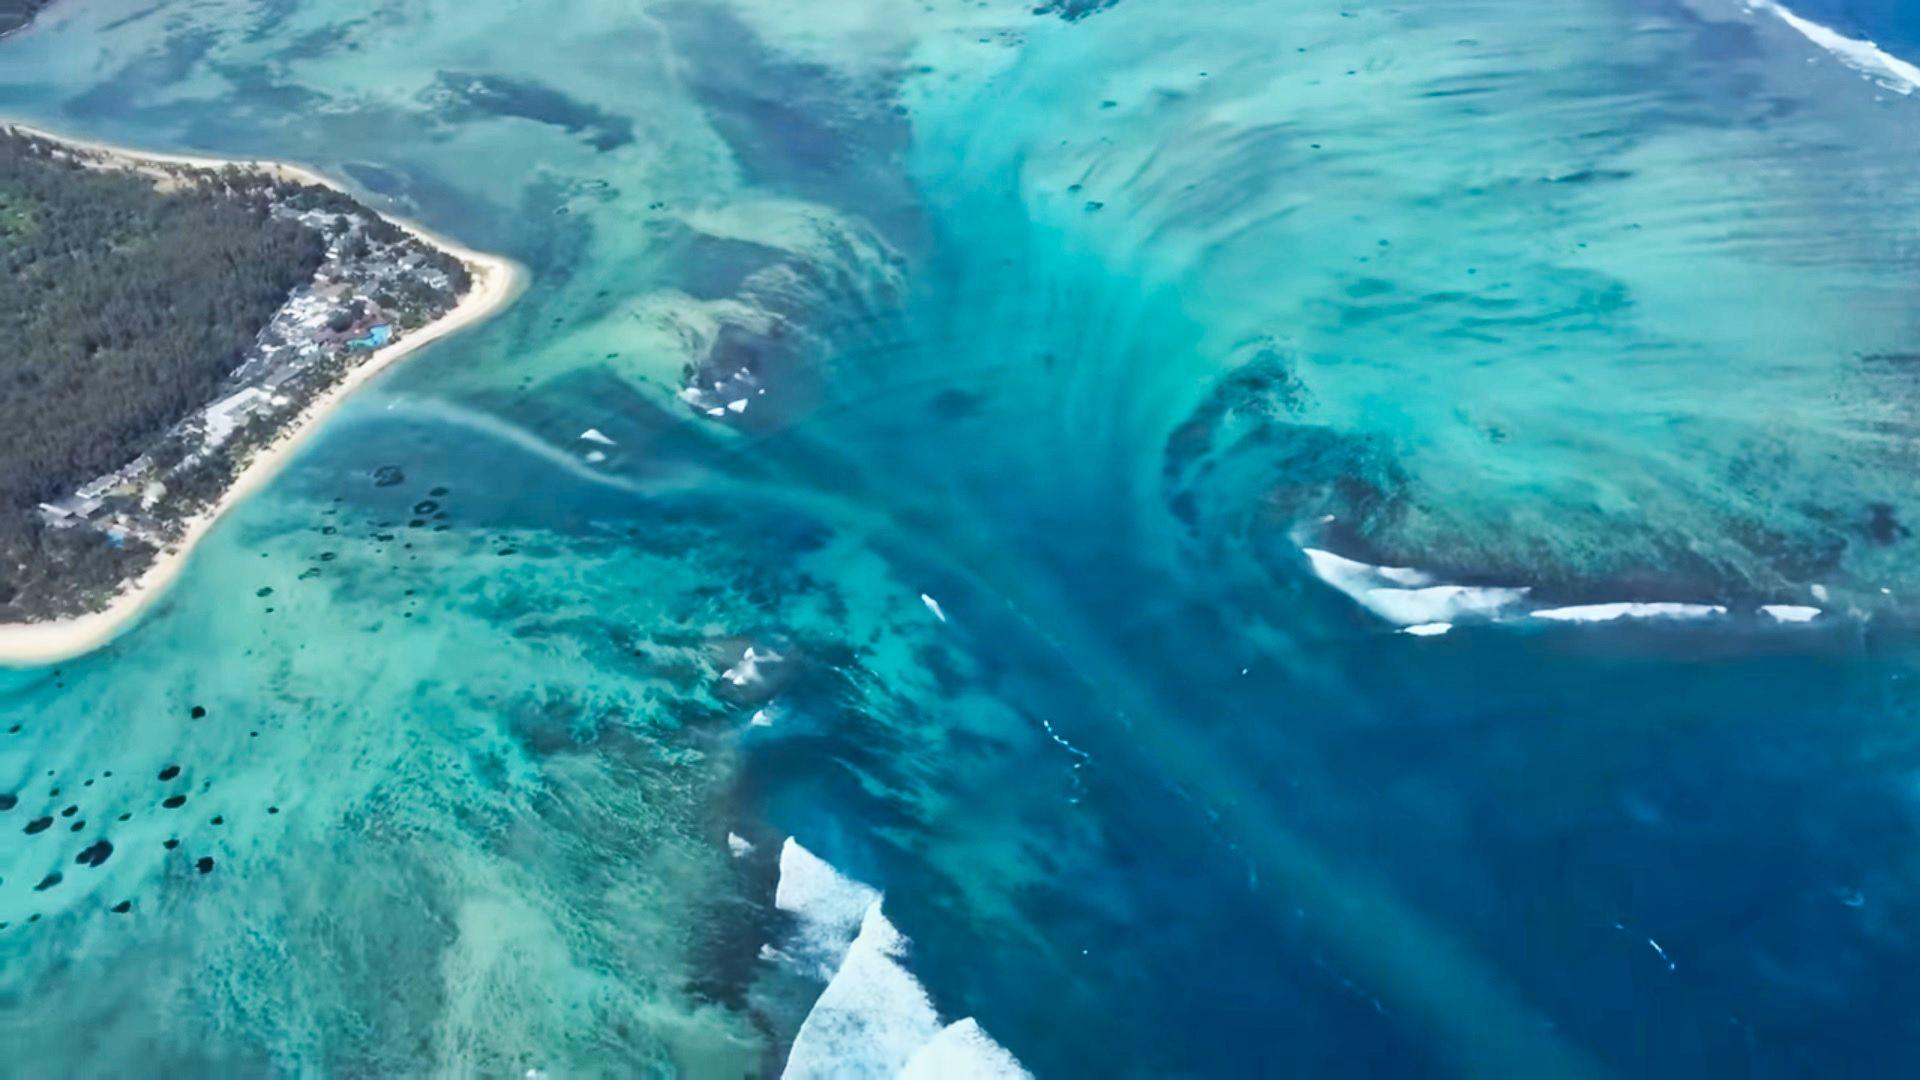 Las cataratas más grandes del mundo están bajo el agua